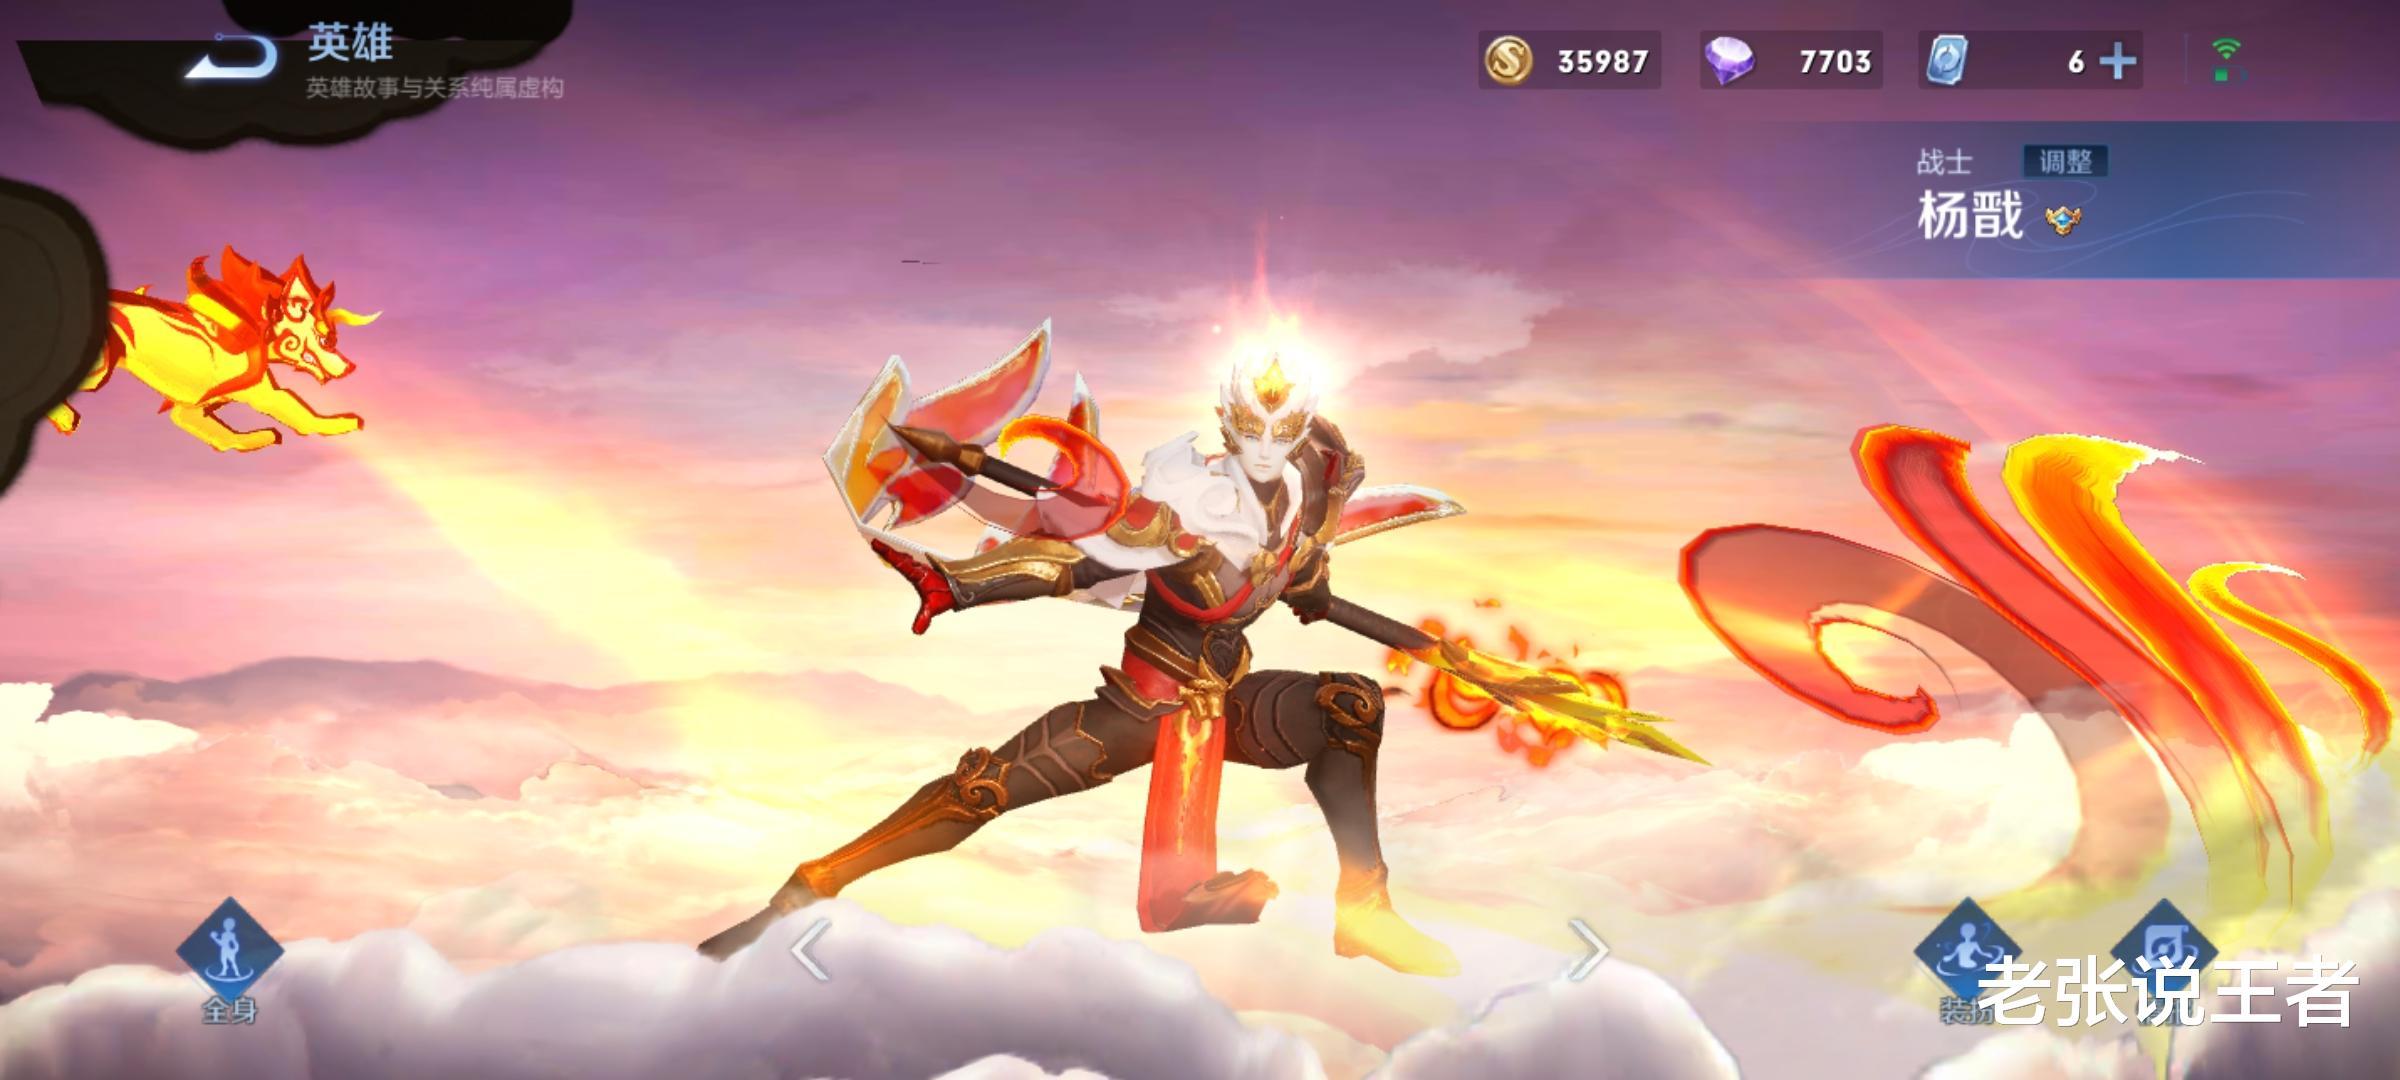 《【煜星娱乐app登录】S23这几位英雄做了修改,全属性大幅度提升,盘古鸟人成霸主!》